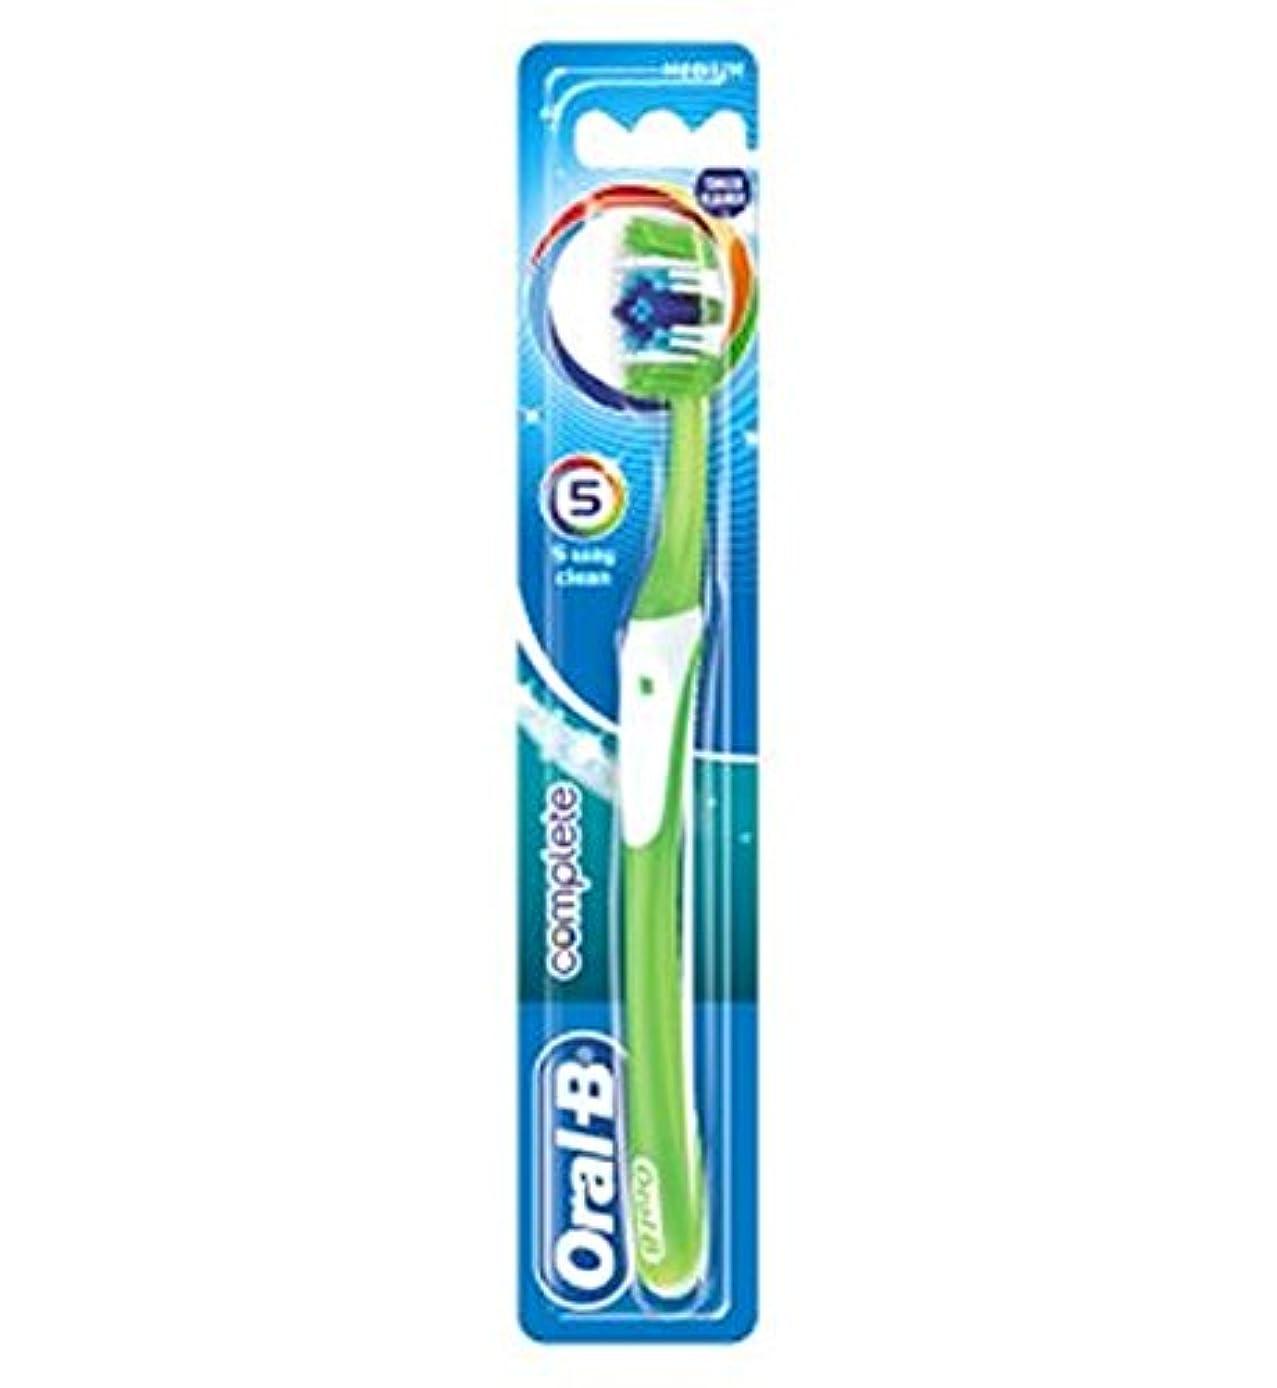 博物館明らかに敬なOral-B Complete 5 Way Clean Medium Manual Toothbrush - オーラルBの完全な5道クリーンなメディアの手動歯ブラシ (Oral B) [並行輸入品]